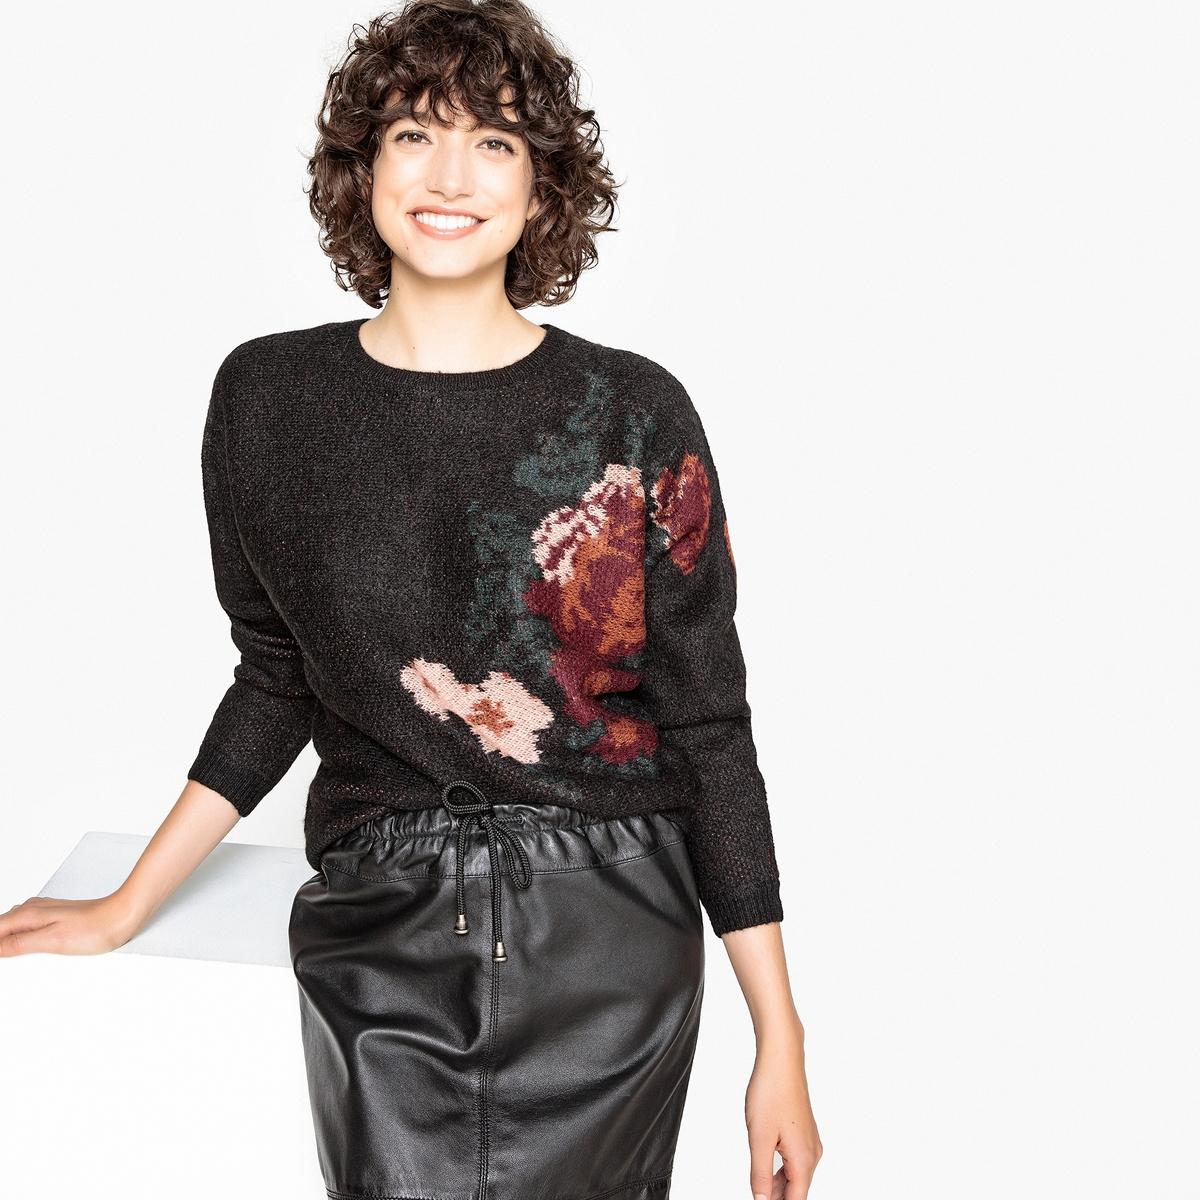 Пуловер с жаккардовым цветочным рисунком кардиган с жаккардовым рисунком от 3 до 12 лет